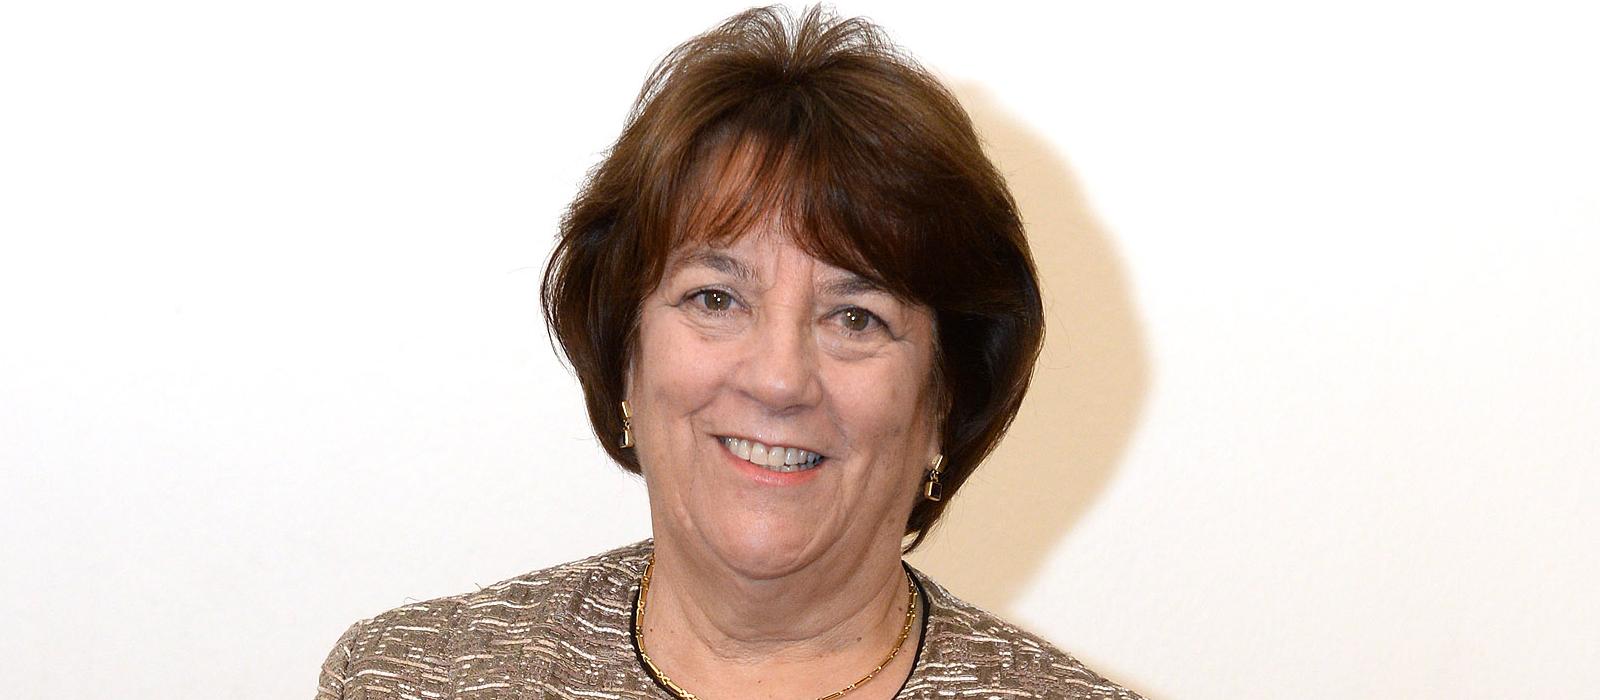 Adriana Delpiano